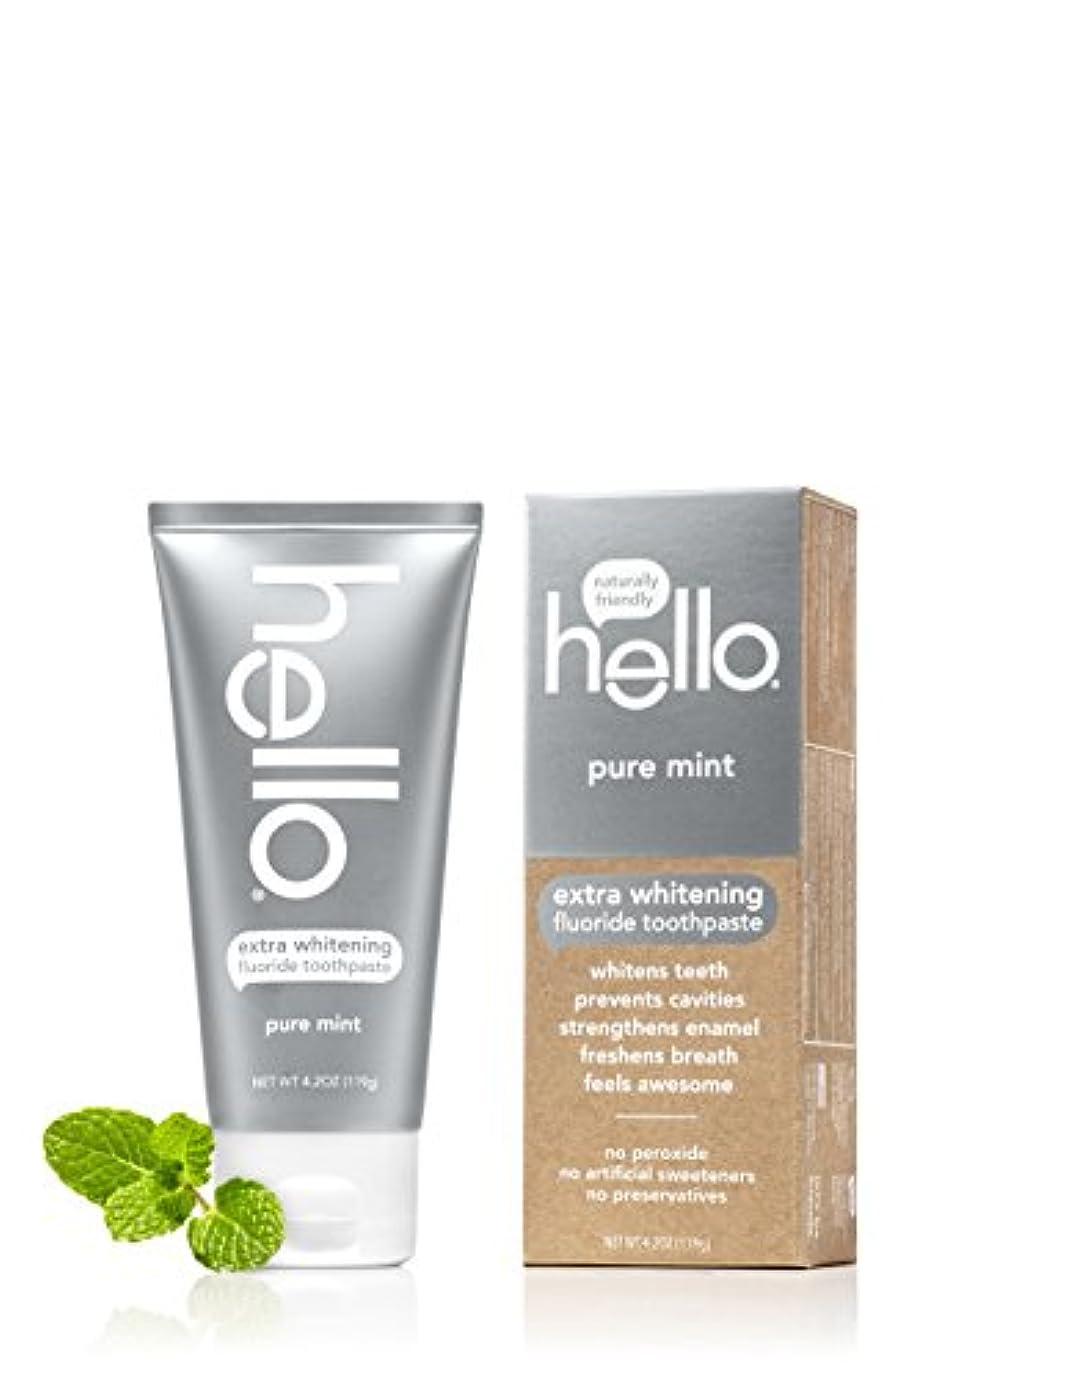 アイスクリーム人八百屋さんHello Oral Care エクストラホワイトニングフッ化物の歯磨き粉、ピュアミント、4.2オンス